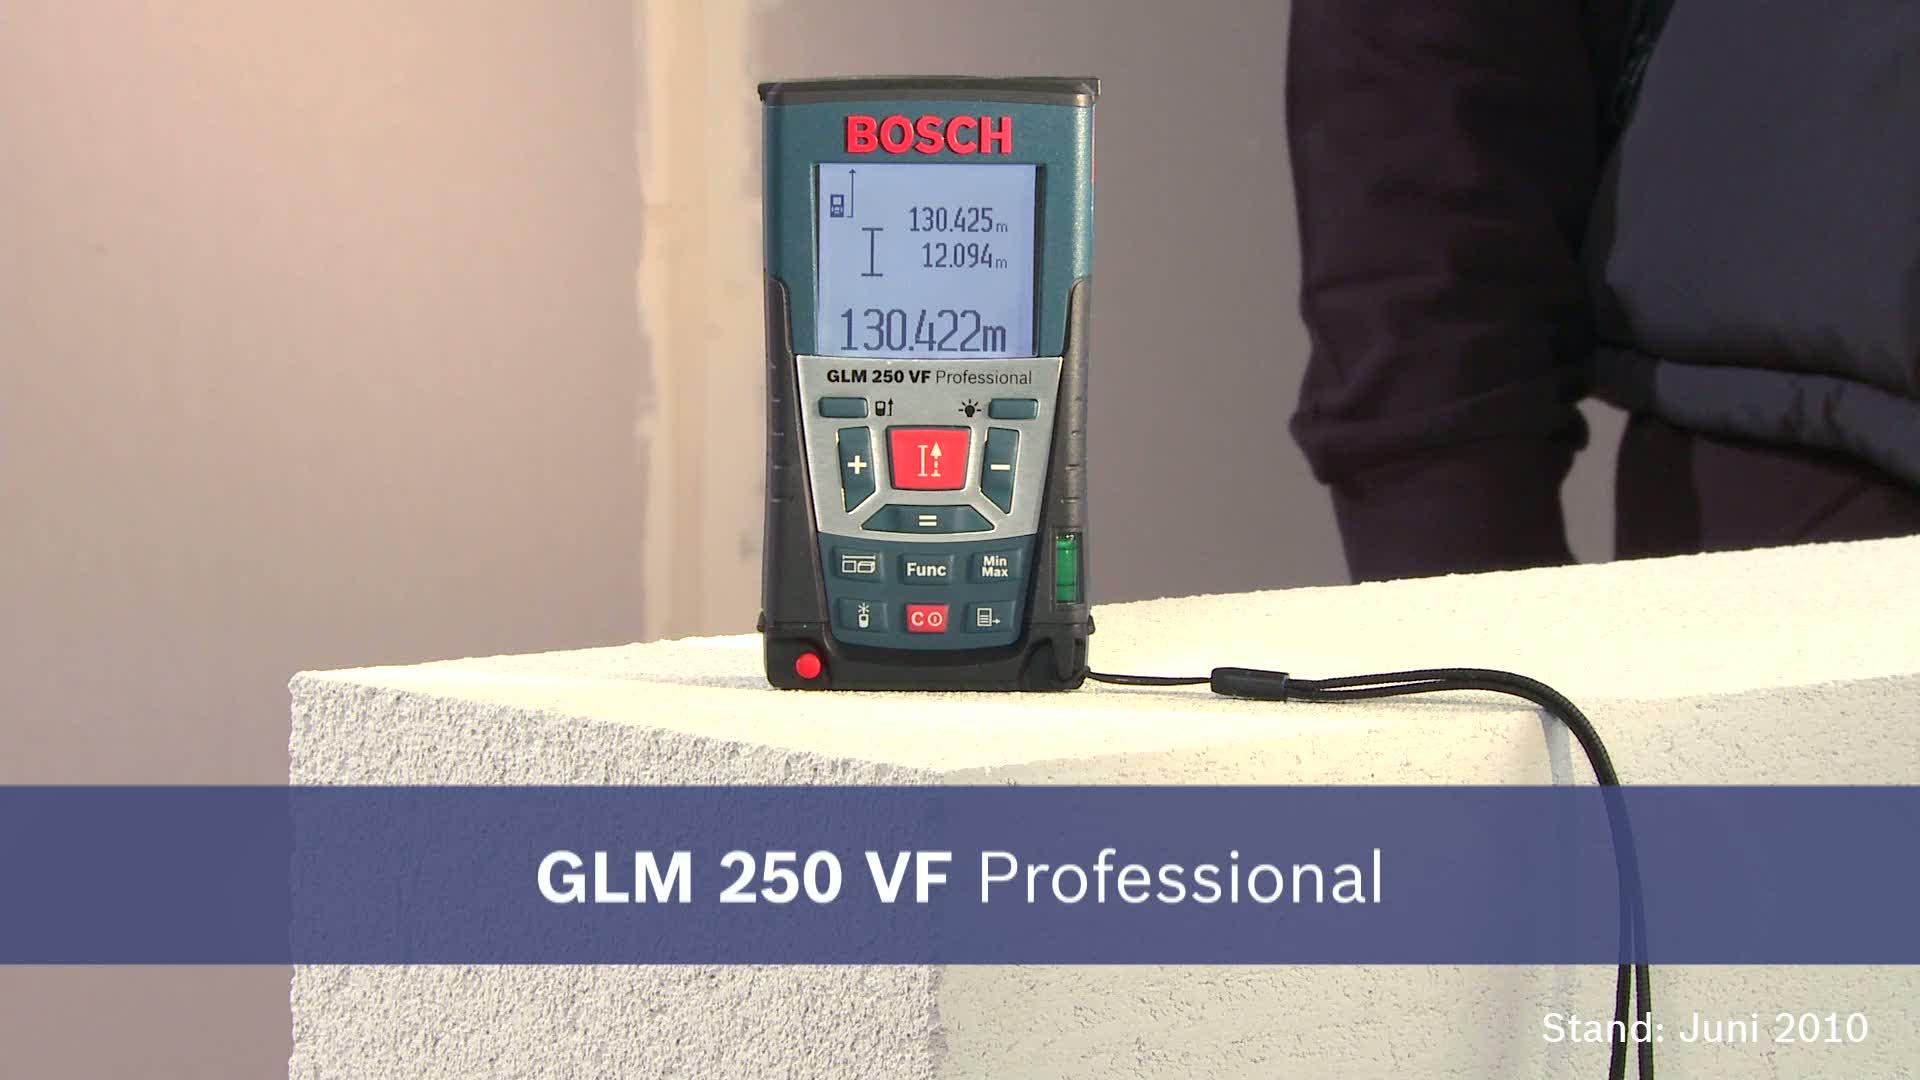 Bosch Entfernungsmesser Bedienungsanleitung : Glm 250 vf laser entfernungsmesser bosch professional